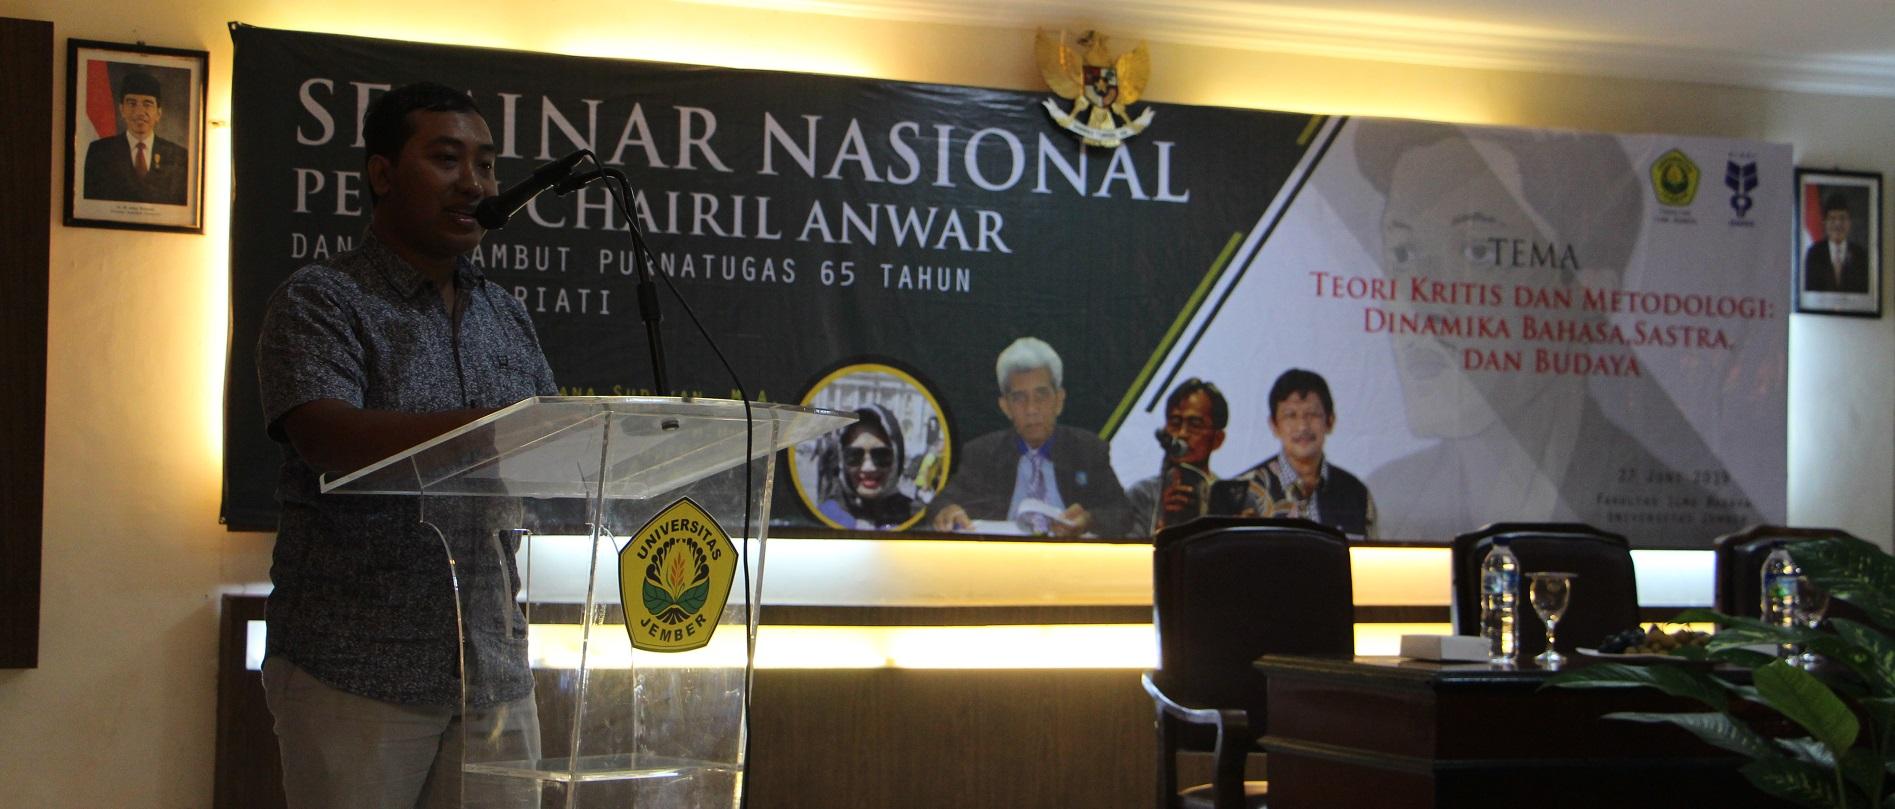 Pekan Chairil Anwar: Lima Pribadi yang Harus Dihormati